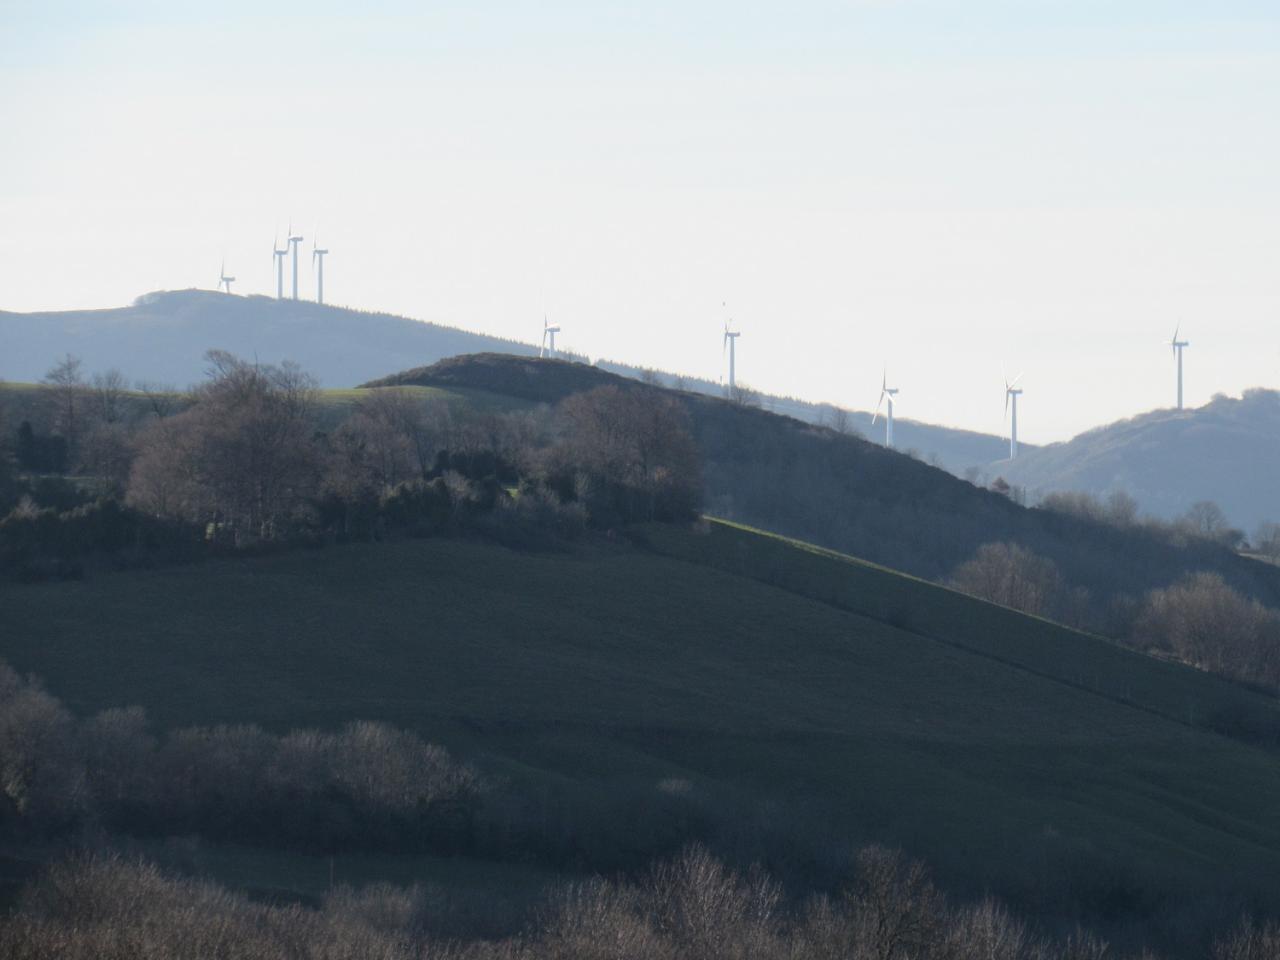 Les éoliennes du MERDELOUP vu du plateau de LACAN